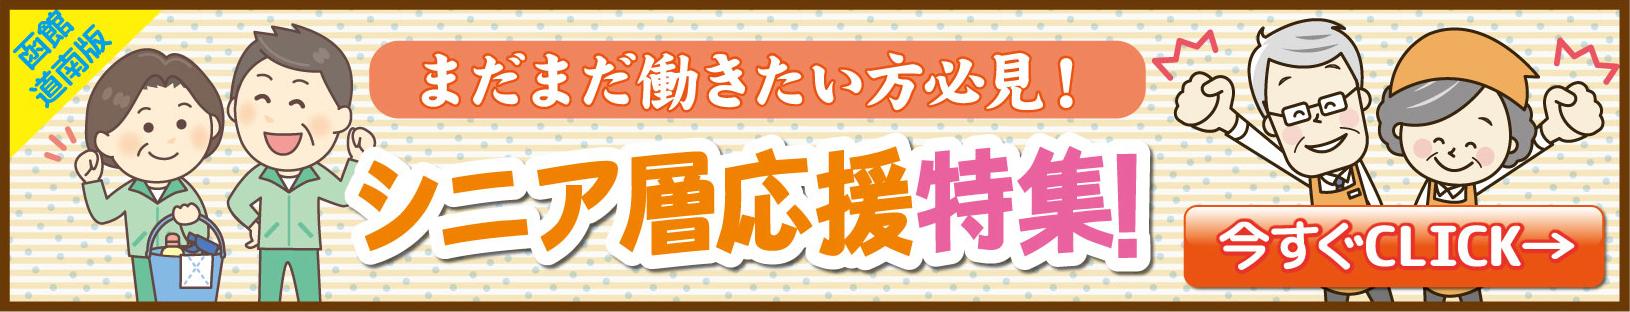 函館・道南版 シニア層応援特集